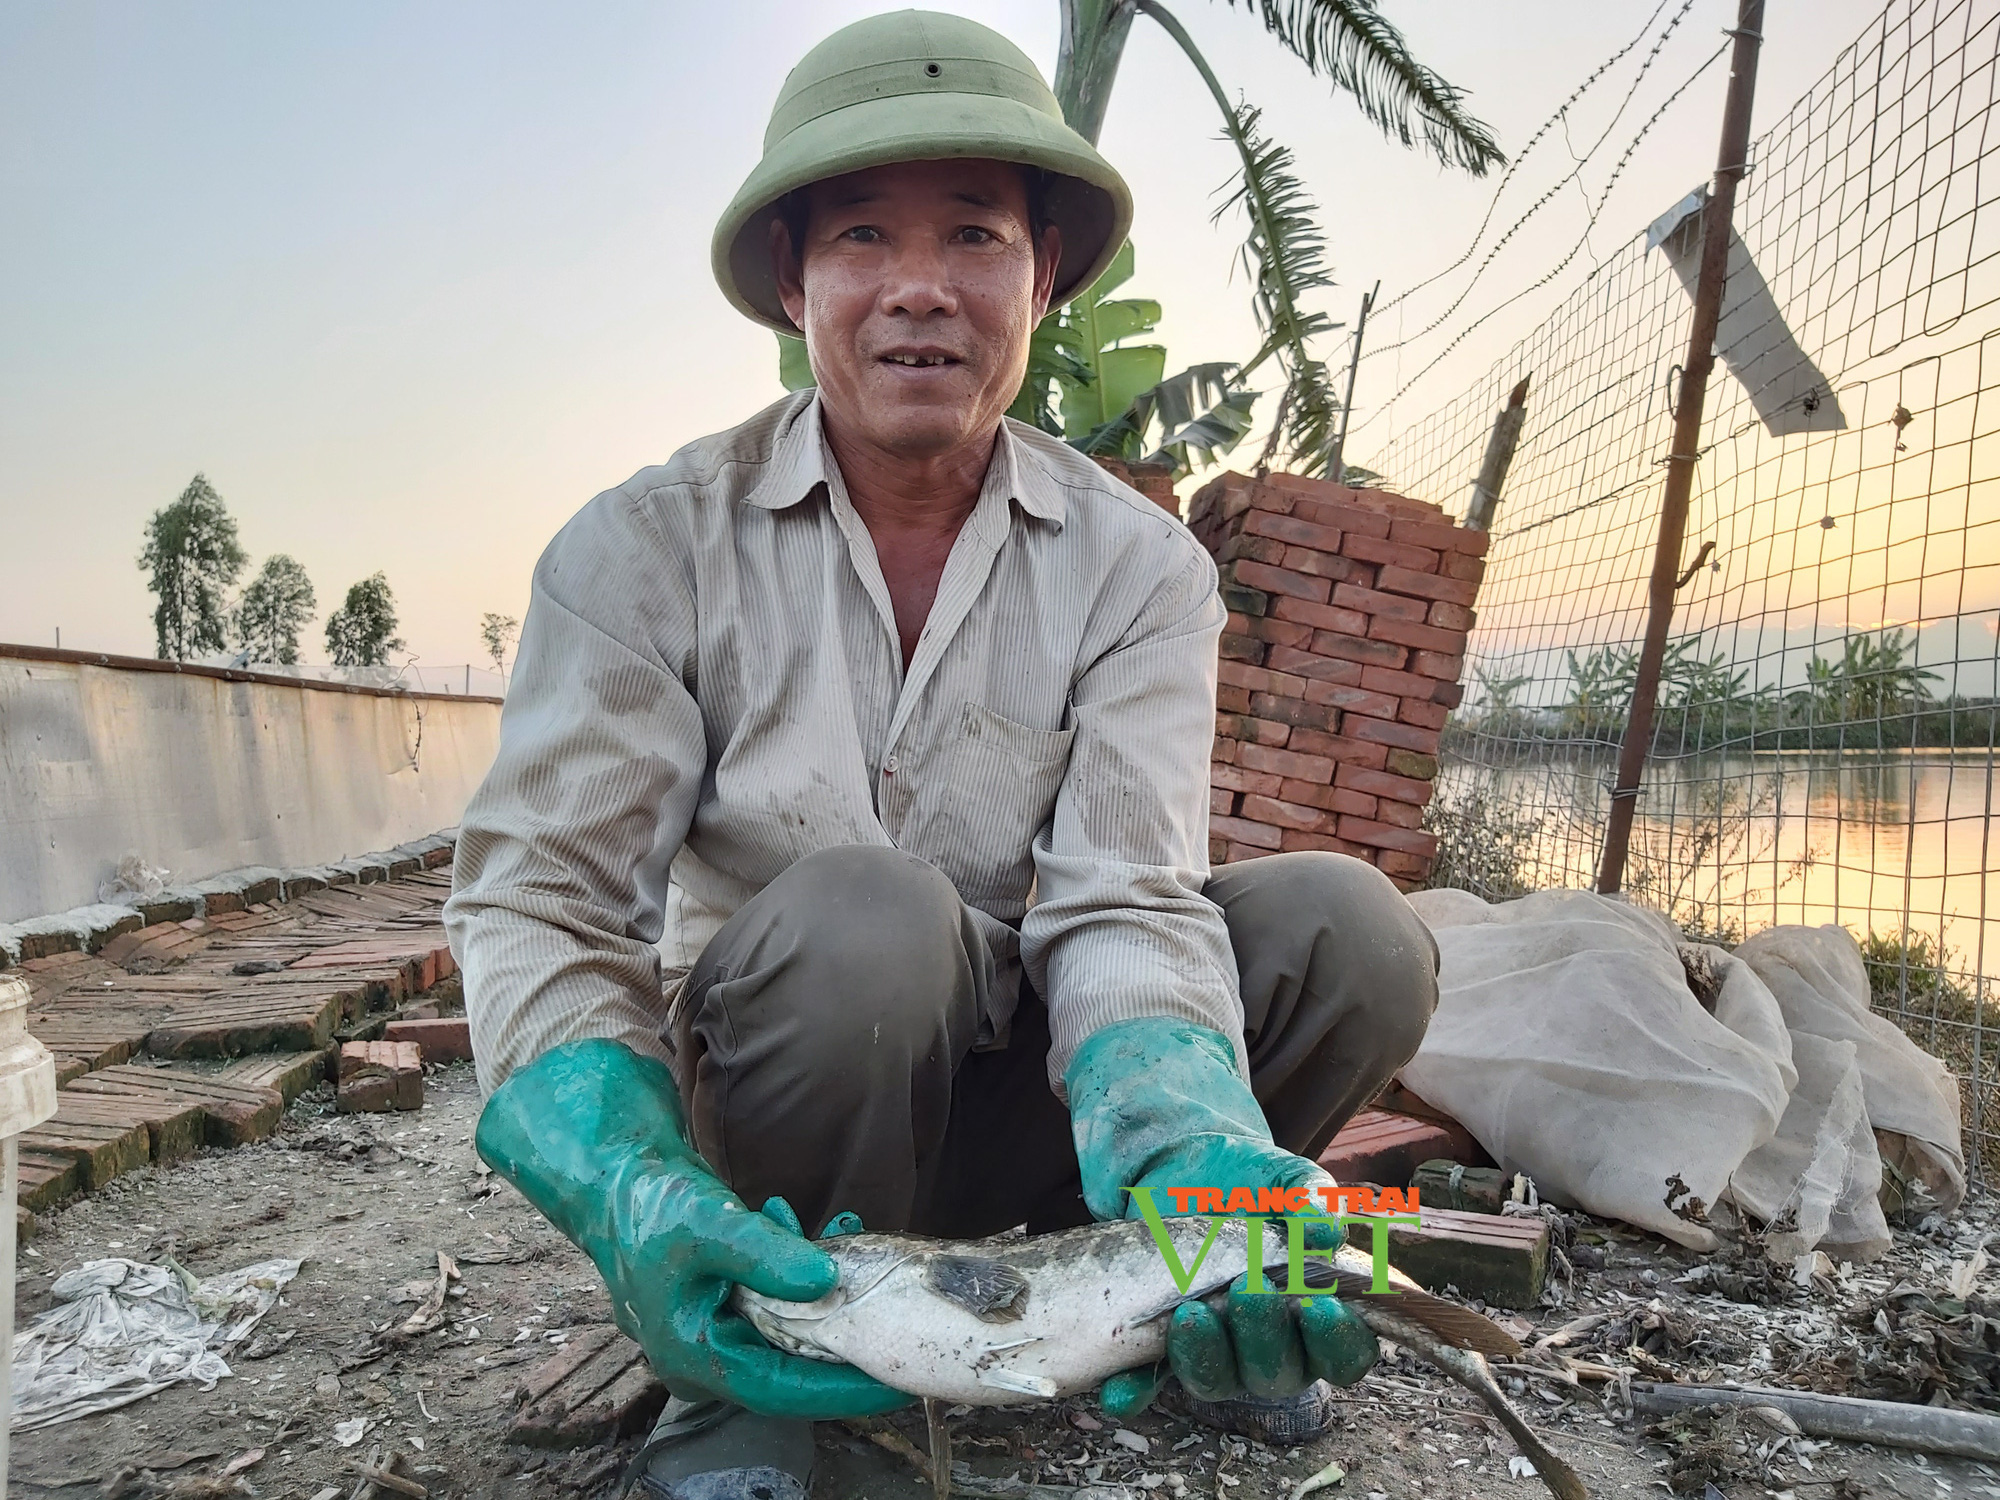 Hà Nội: Lão nông U50 thả nuôi ba ba gai cùng cá chuối hoa,  - Ảnh 12.